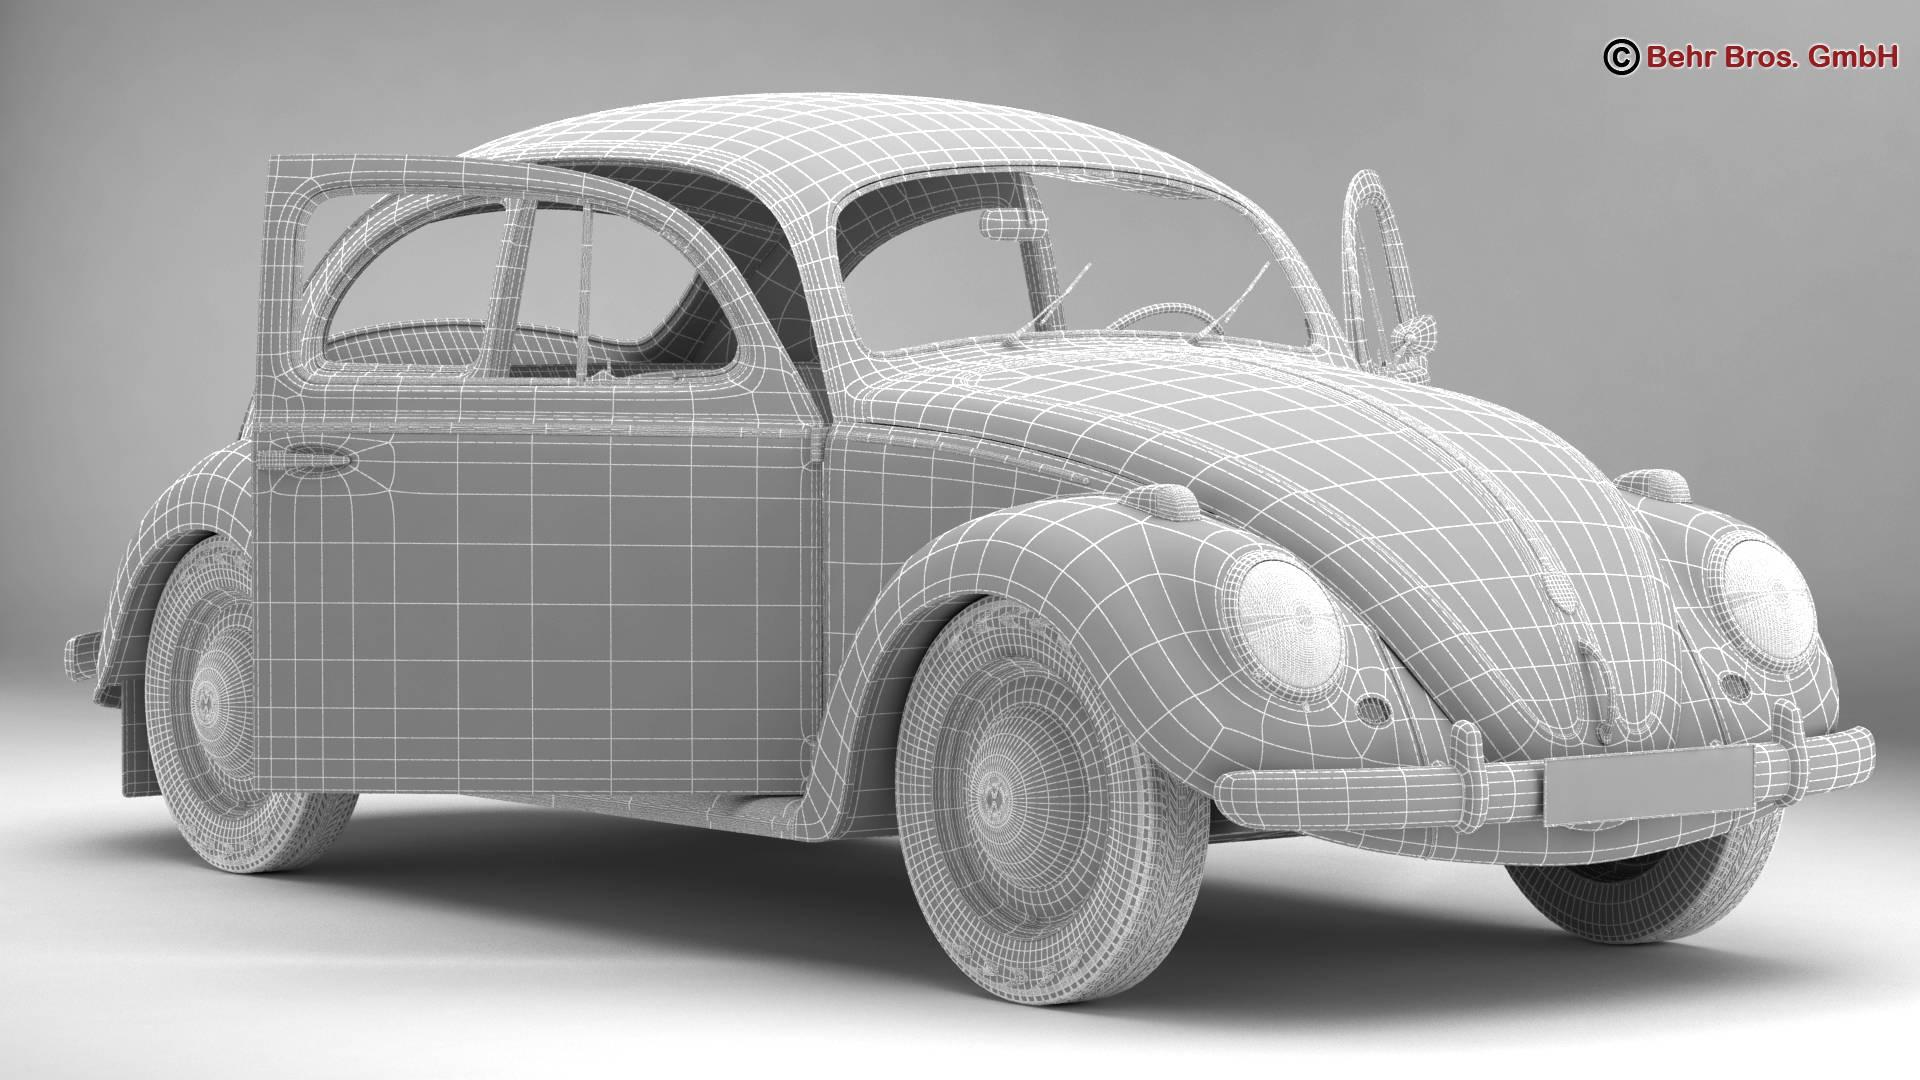 volkswagen beetle 1963 1200 deluxe 3d model 3ds max fbx c4d lwo ma mb obj 220289